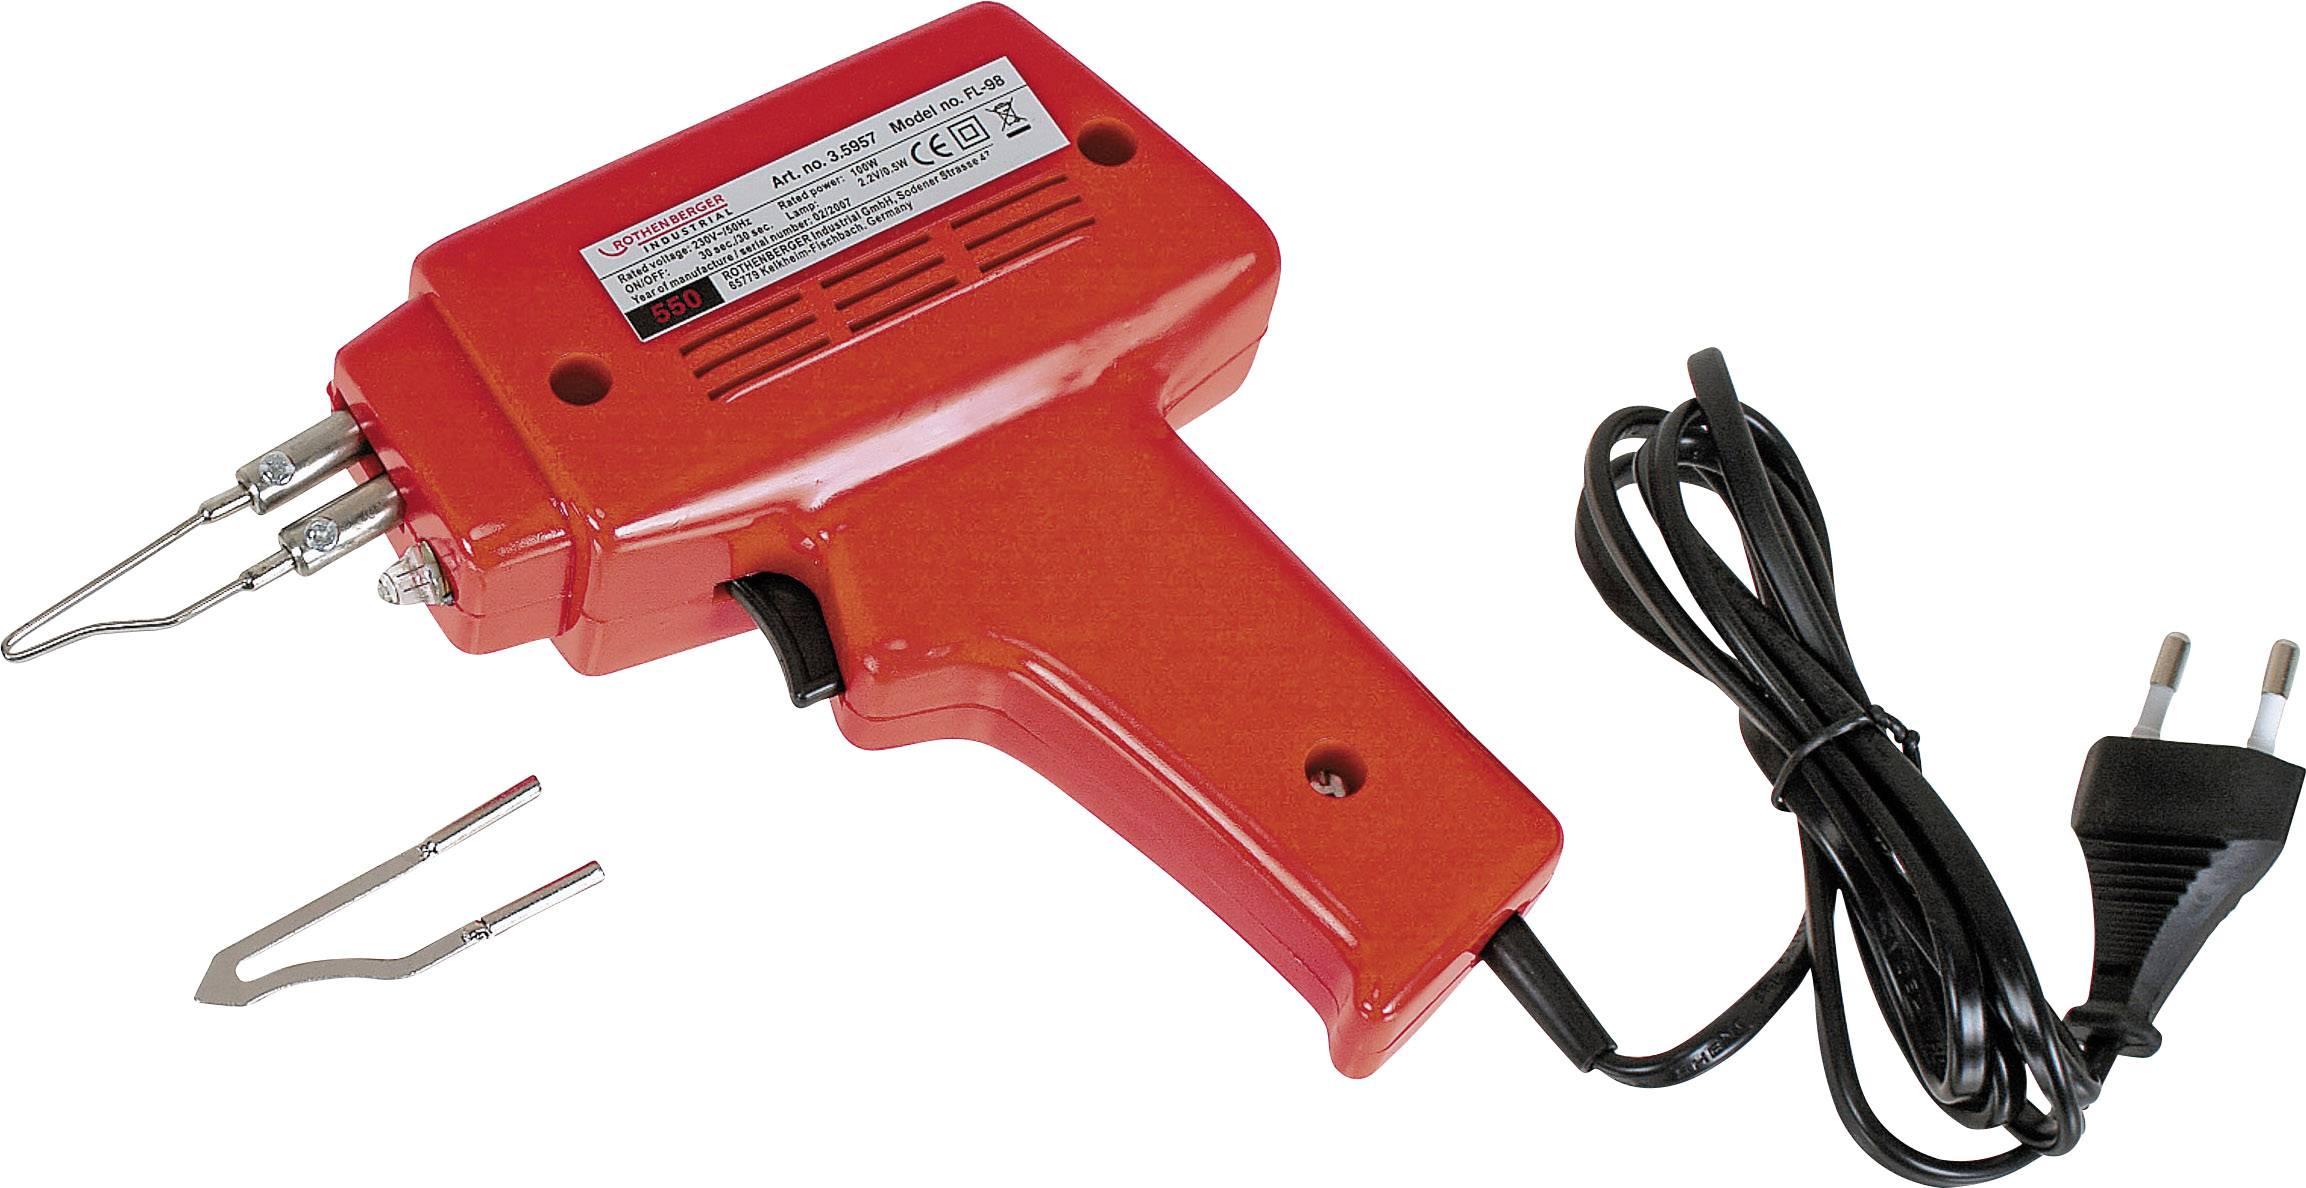 Transformátorová páječka Rothenberger Industrial RoQuick 35957, 230 V, 100 W